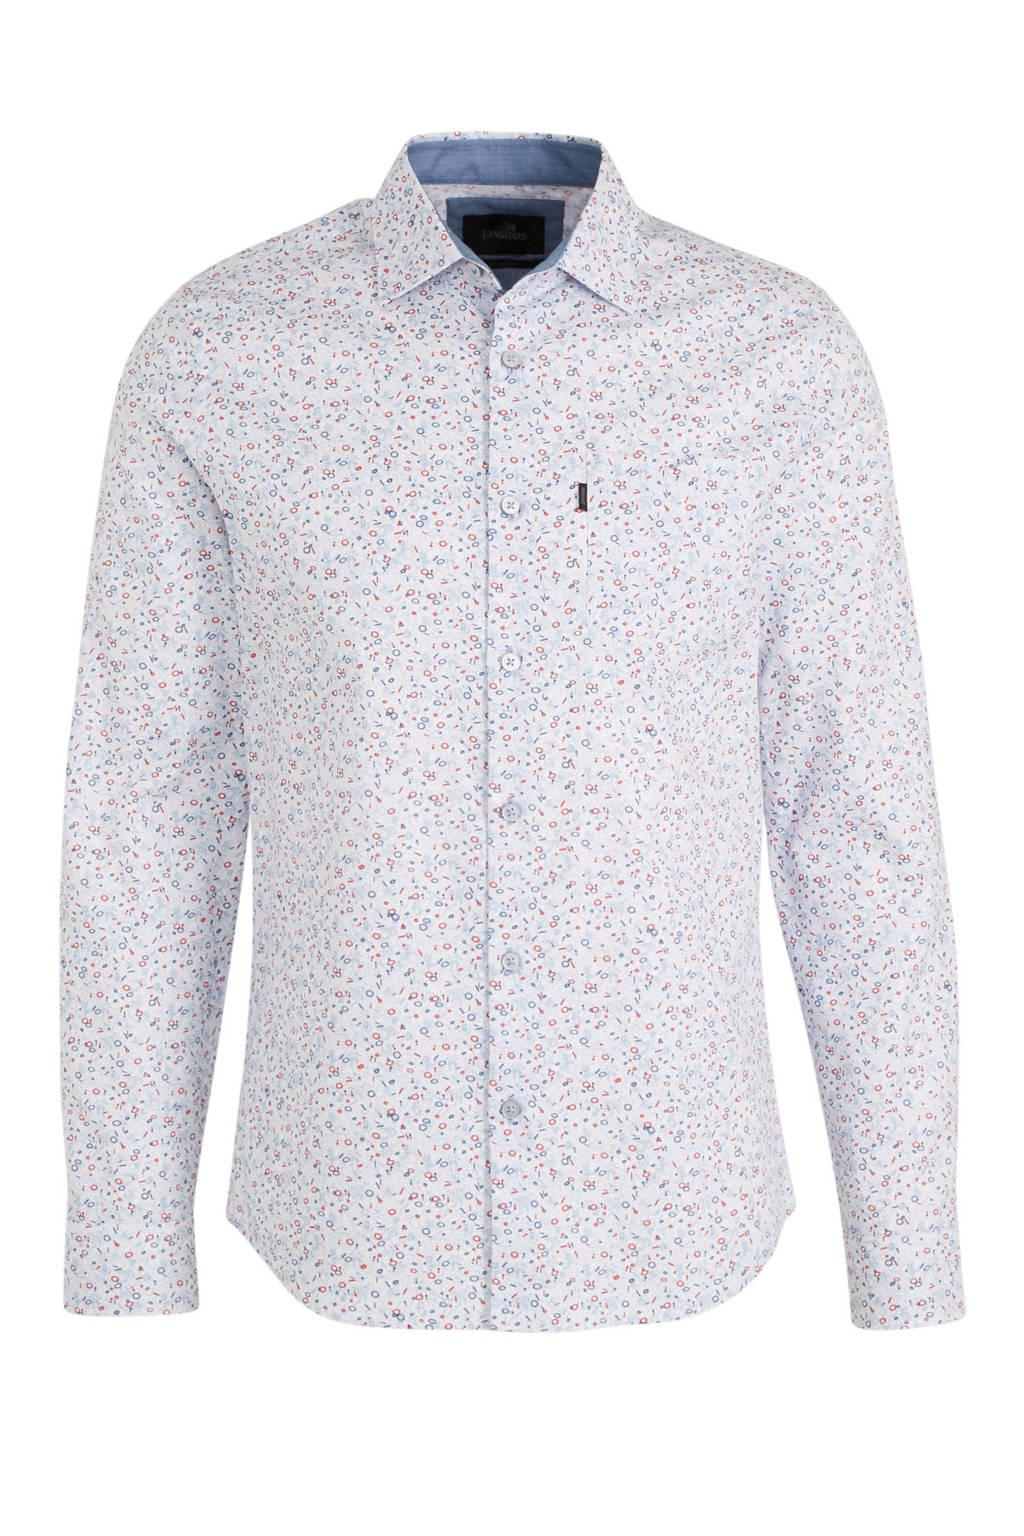 Vanguard gebloemd regular fit overhemd wit, Wit